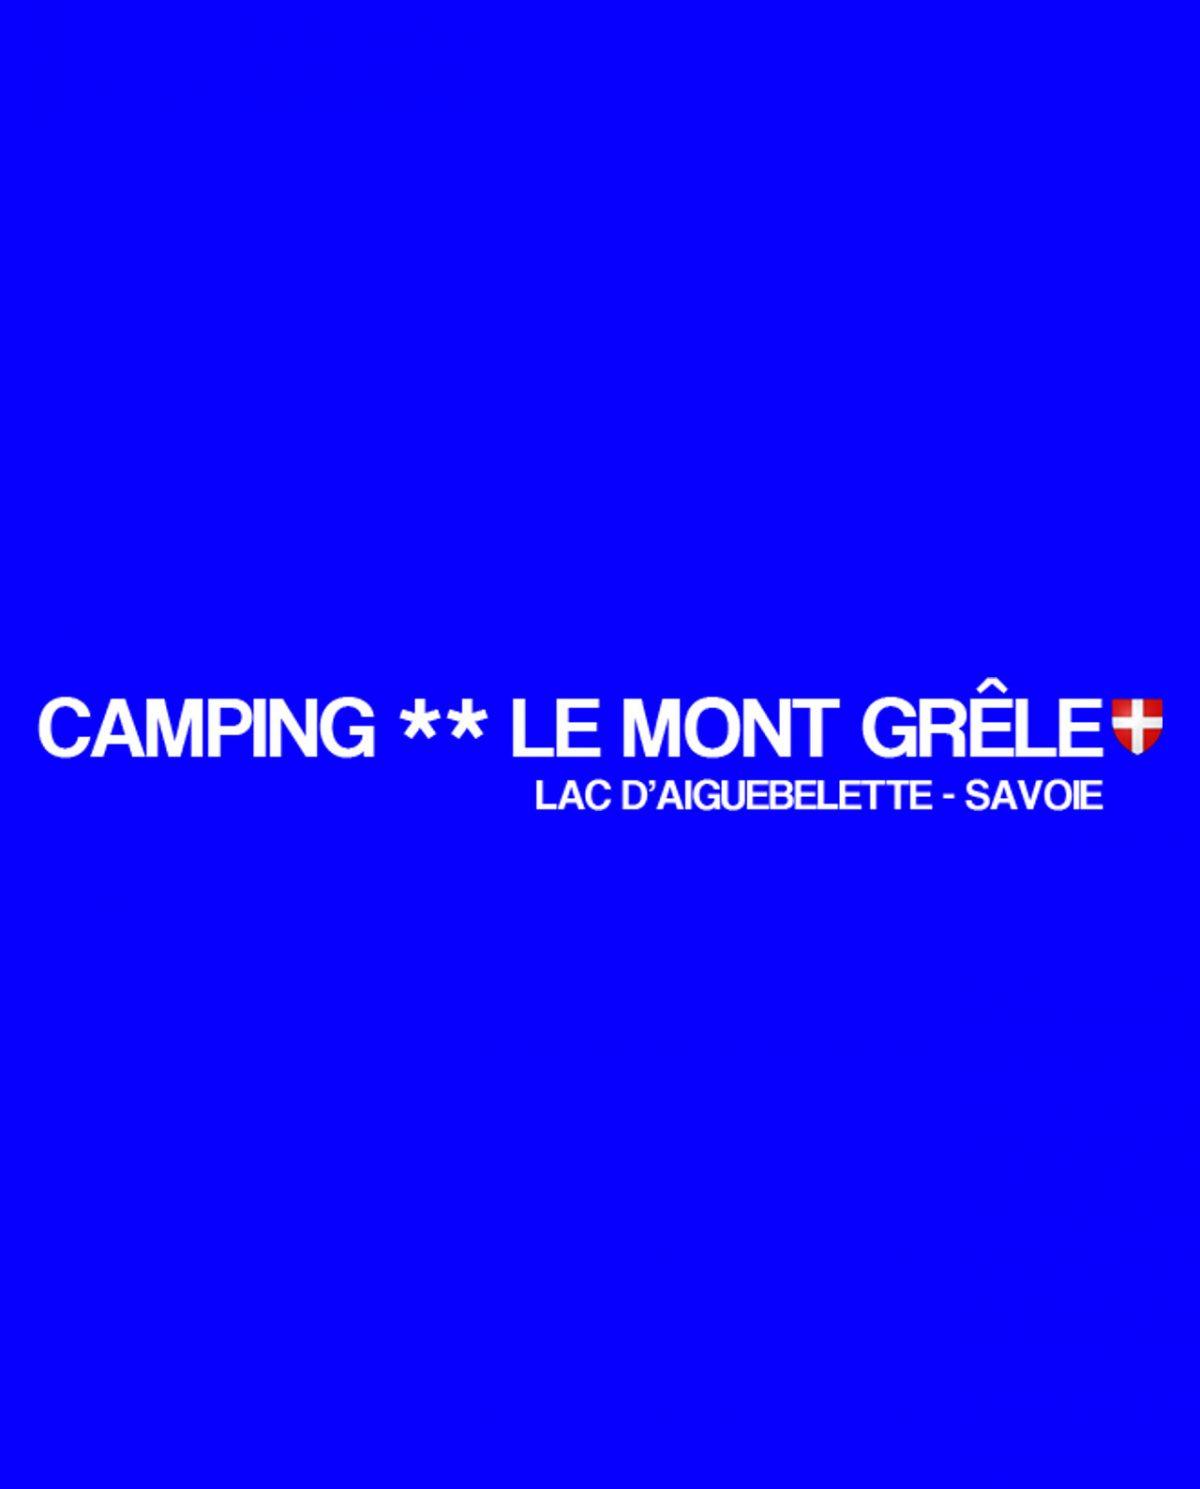 Camping Le Mont Grêle en Savoie – 2**